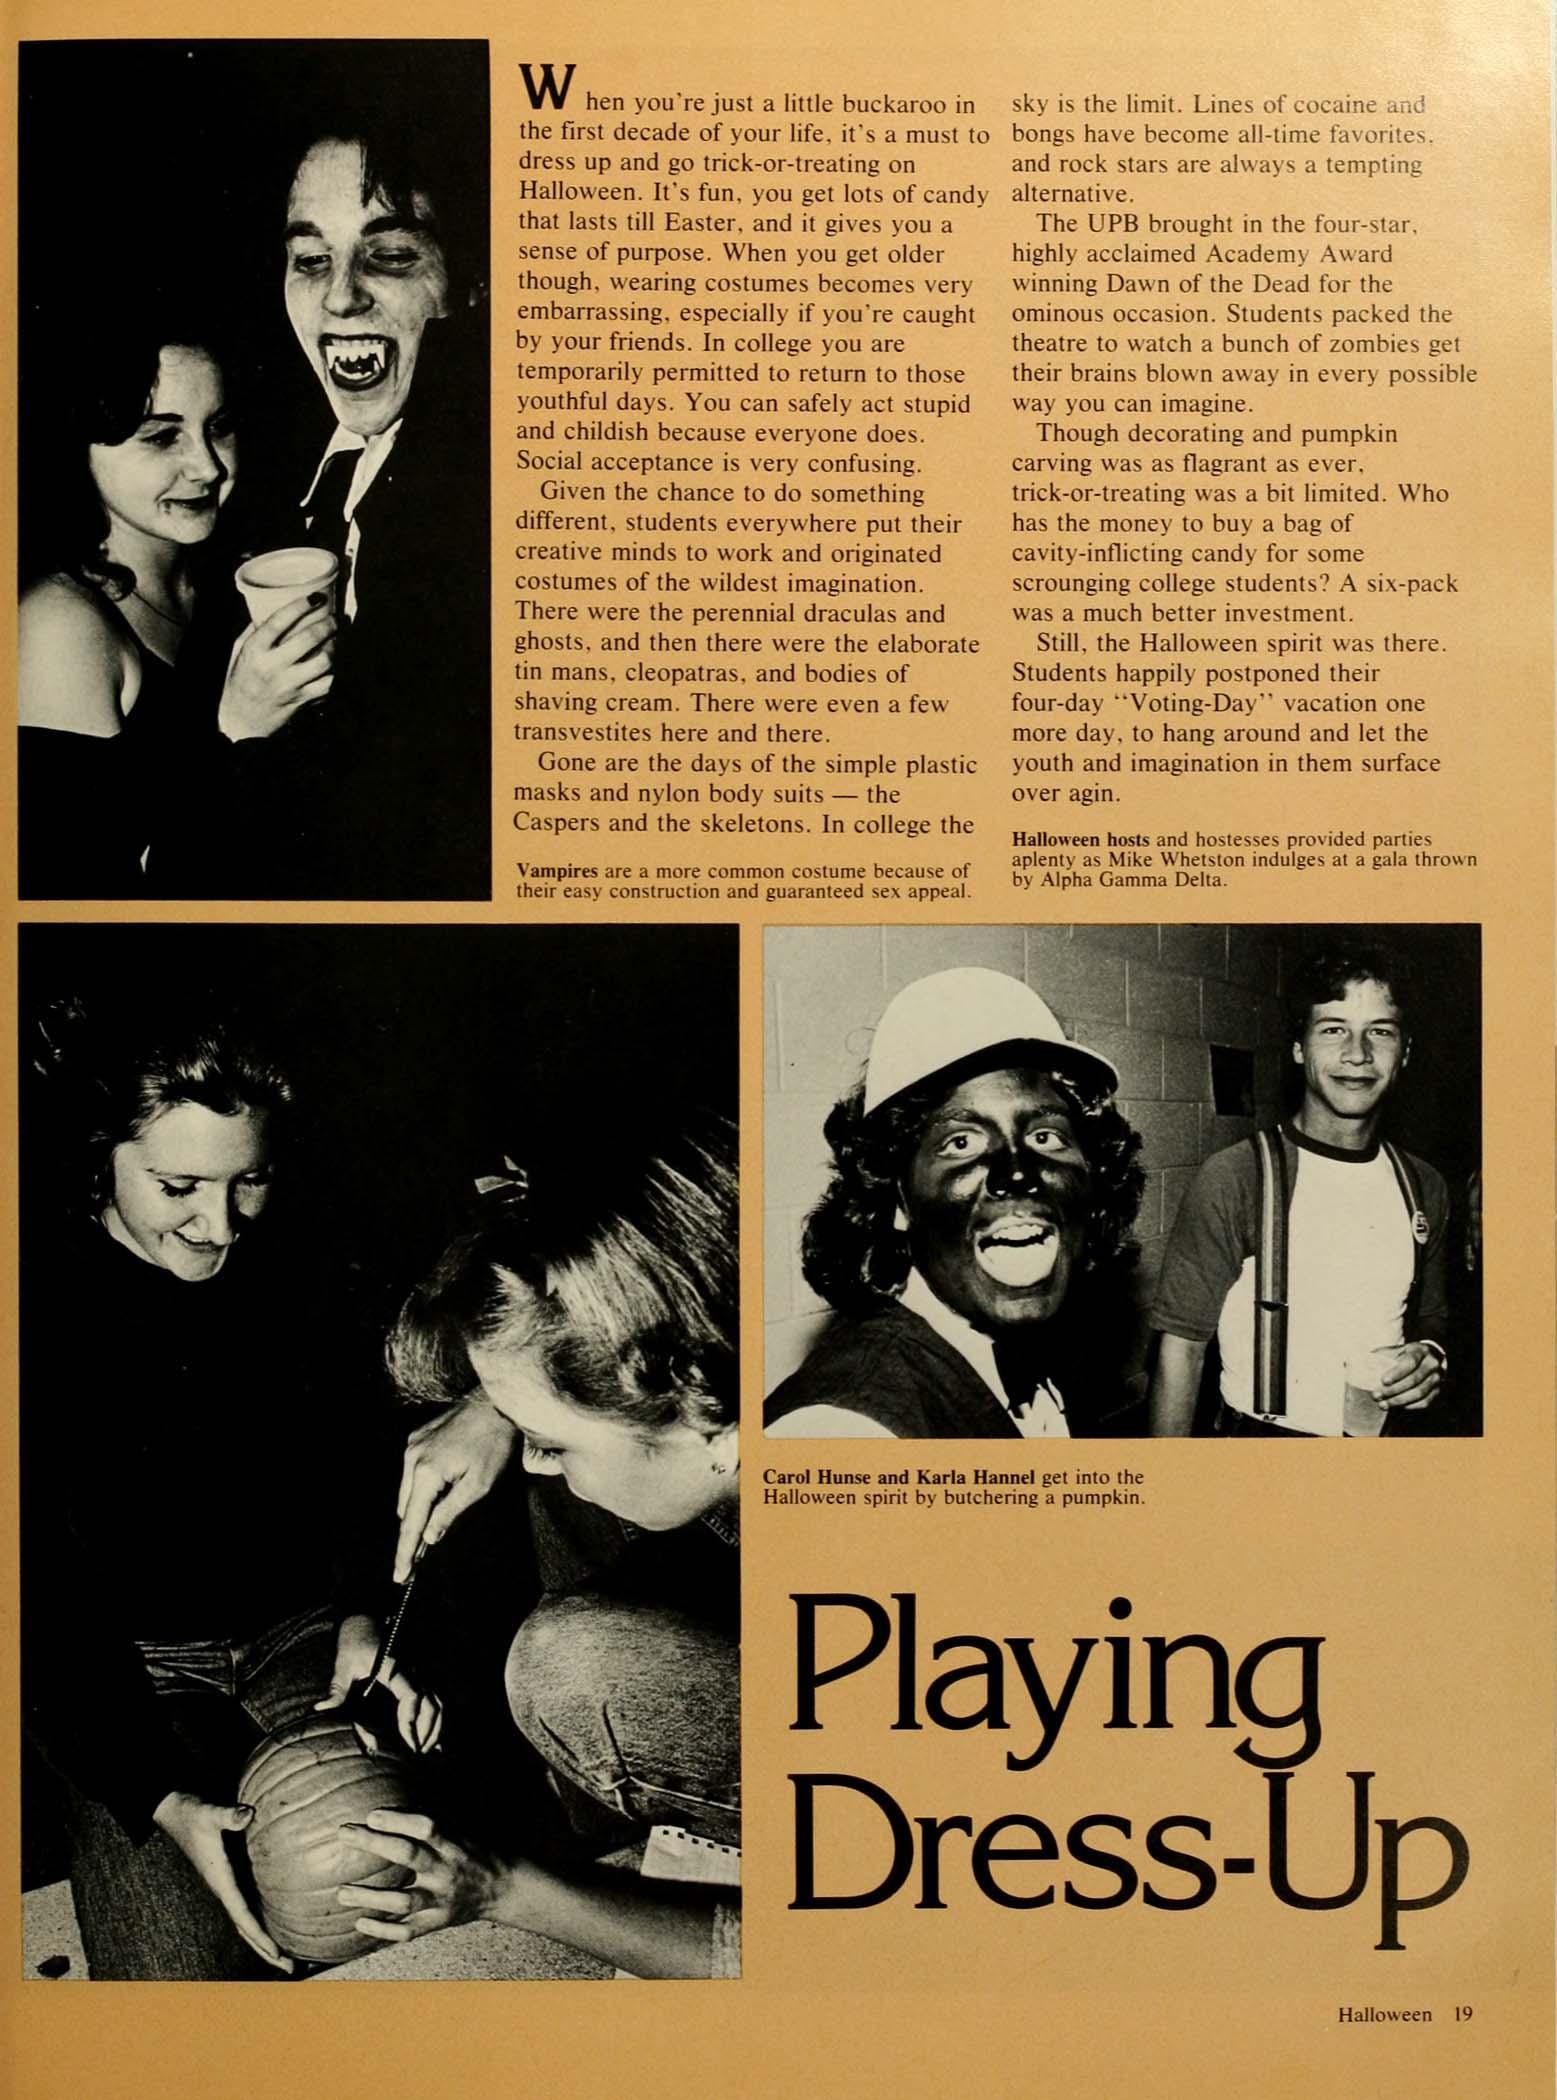 1981 Bluestone Yearbook Page Showing Unidentified Alpha Gamma Sorority Member In Blackface